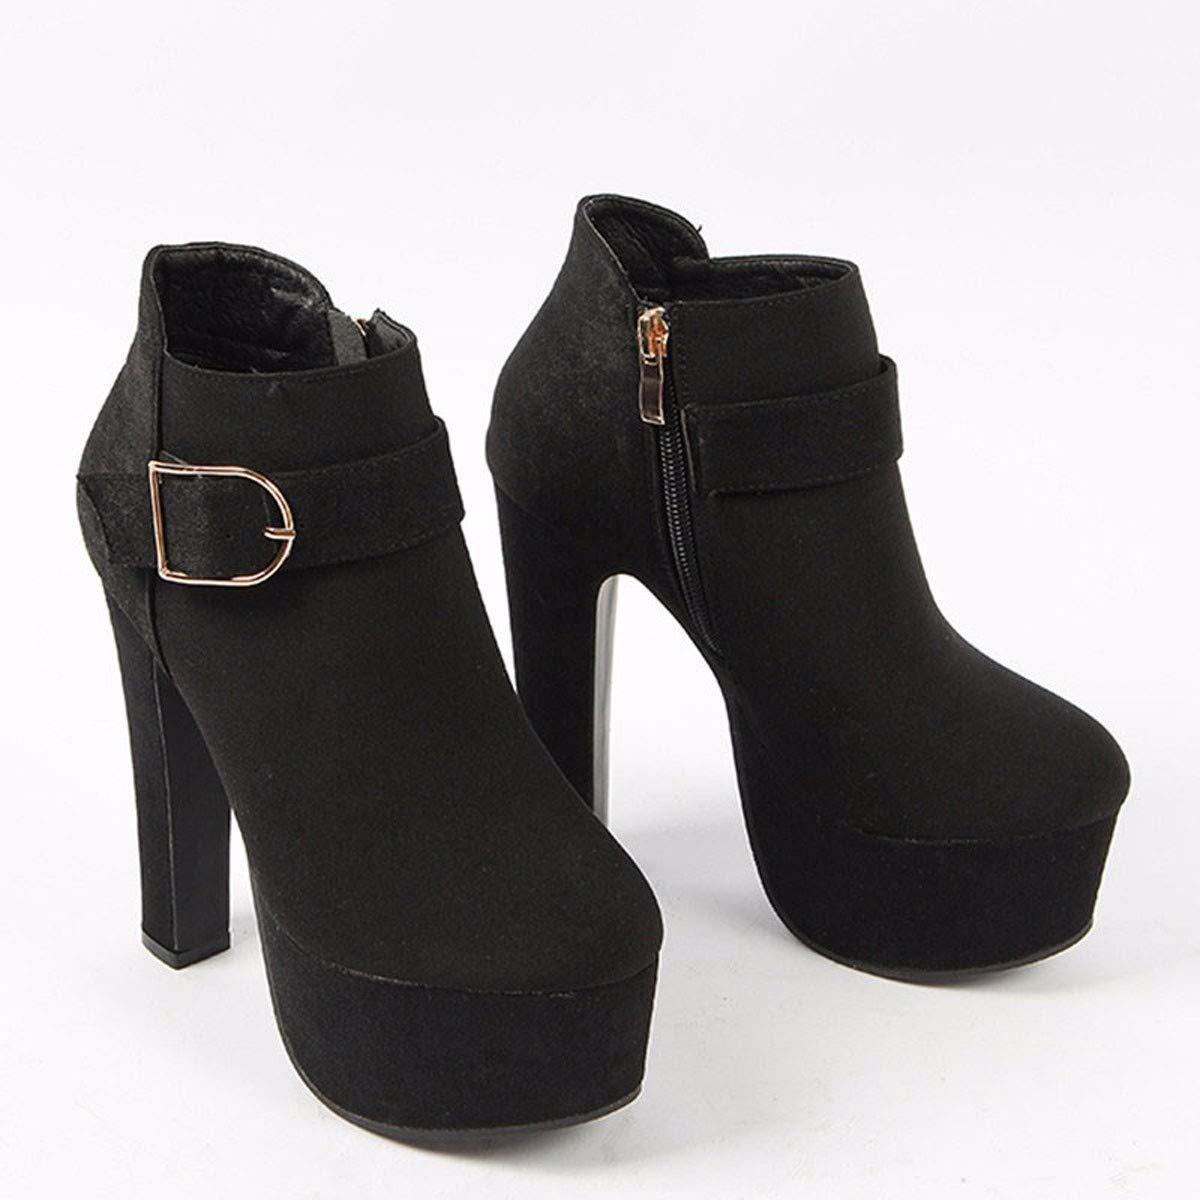 HBDLH Damenschuhe Wasserdichte Plattform Martin Stiefel Mit Hohen High - Heel 14 cm Kurze Stiefel Joker Nachtclub Kurze Stiefel.